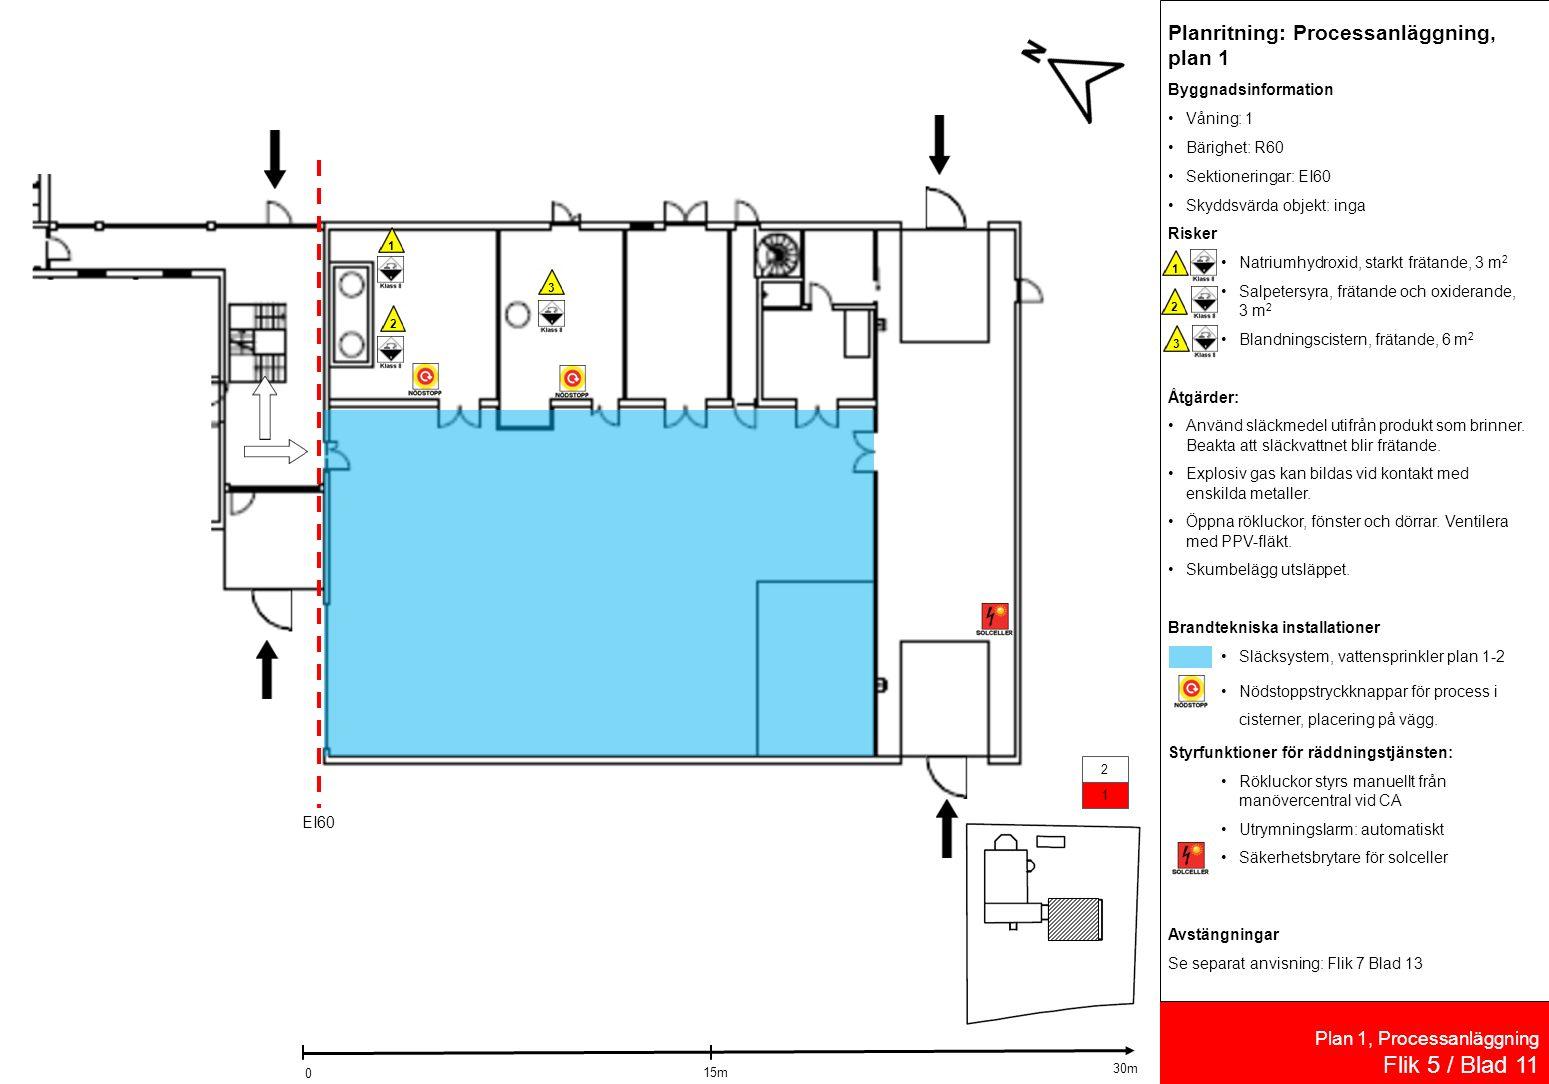 Plan 1, Processanläggning Flik 5 / Blad 11 EI60 132 Planritning: Processanläggning, plan 1 Byggnadsinformation Våning: 1 Bärighet: R60 Sektioneringar: EI60 Skyddsvärda objekt: inga Risker Natriumhydroxid, starkt frätande, 3 m 2 Salpetersyra, frätande och oxiderande, 3 m 2 Blandningscistern, frätande, 6 m 2 Åtgärder: Använd släckmedel utifrån produkt som brinner.